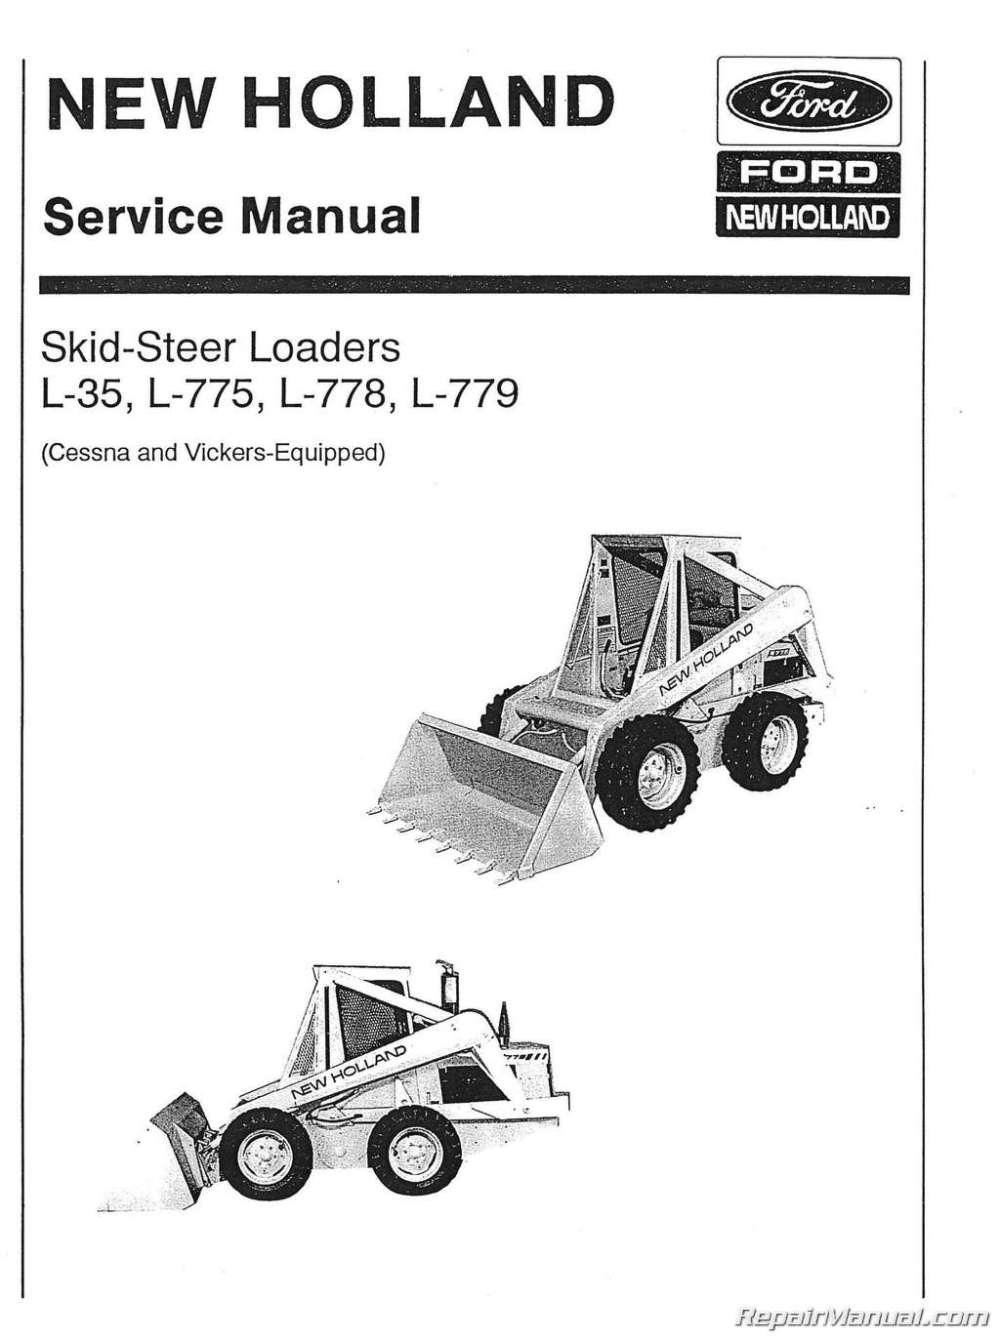 medium resolution of skid steer hydraulic schematic